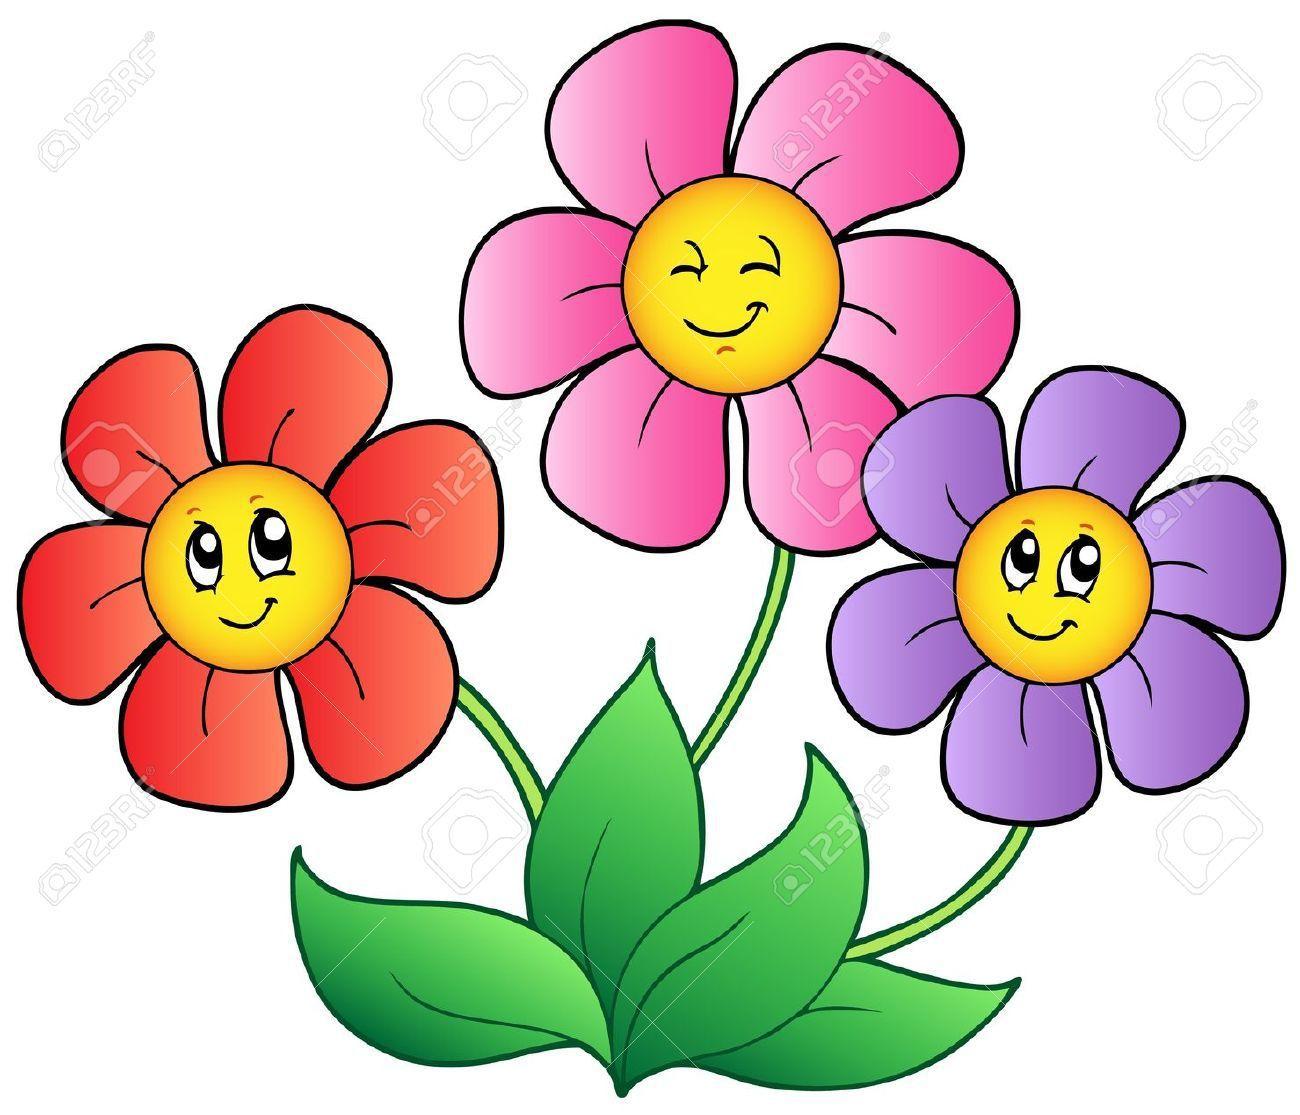 Library Of Clip Art Library Librarys Blumen Kostenlos Png ganzes Bilder Blumen Kostenlos